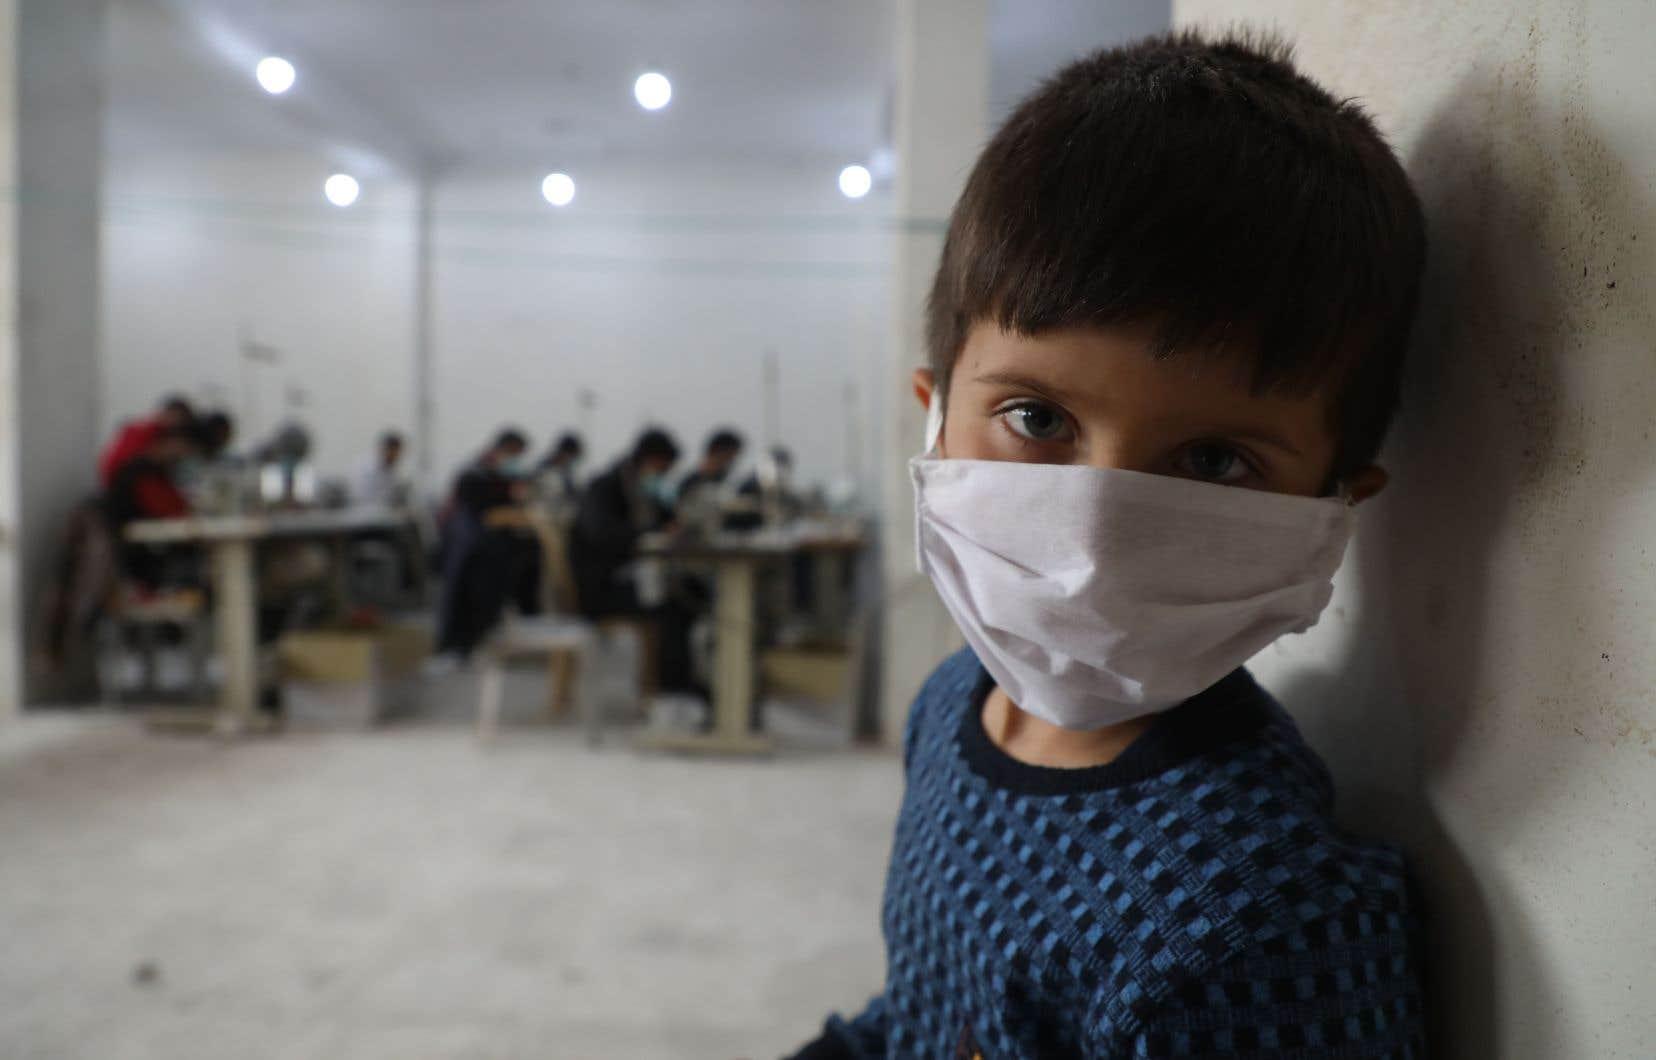 À Idlib, dans le nord-ouest de la Syrie, des bénévoles cousaient la semaine dernière dans un atelier des masques de protection comme celui que porte cet enfant.